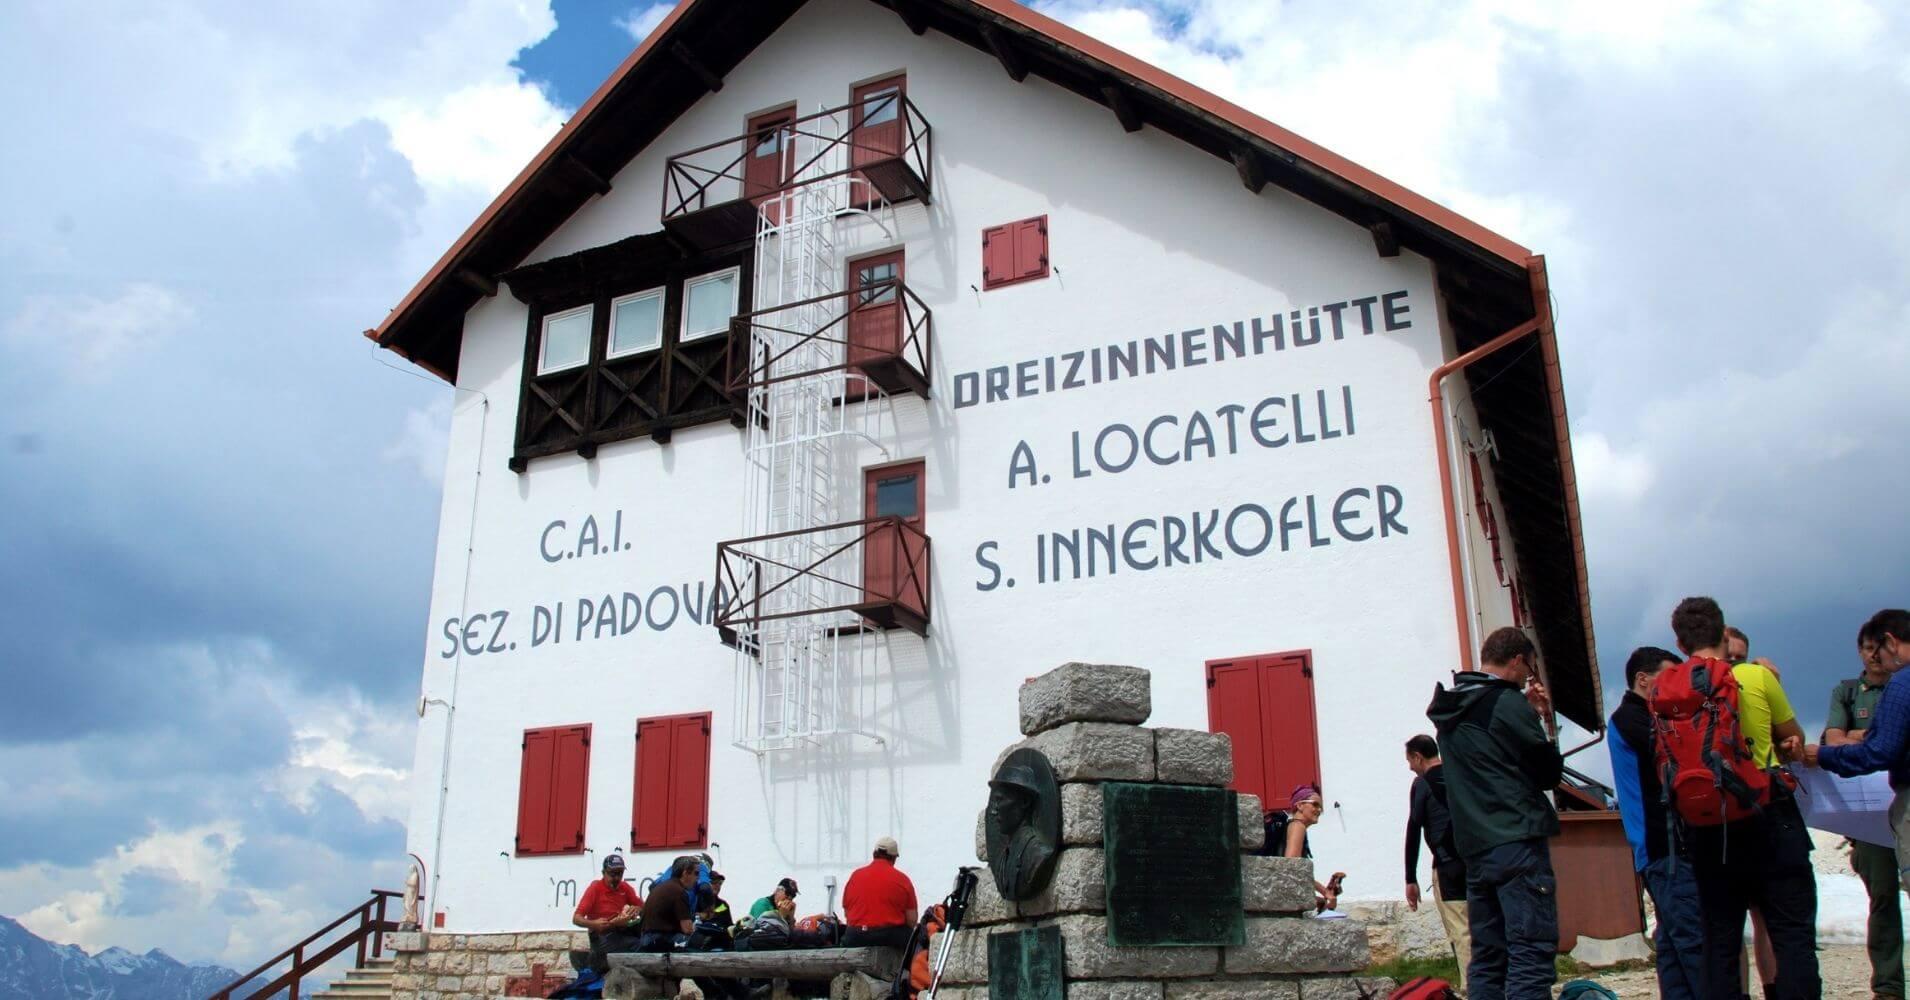 Refugio de Locateli. Alpes Dolomitas, Tres Cimas de Lavaredo. Belluno, Véneto. Italia.